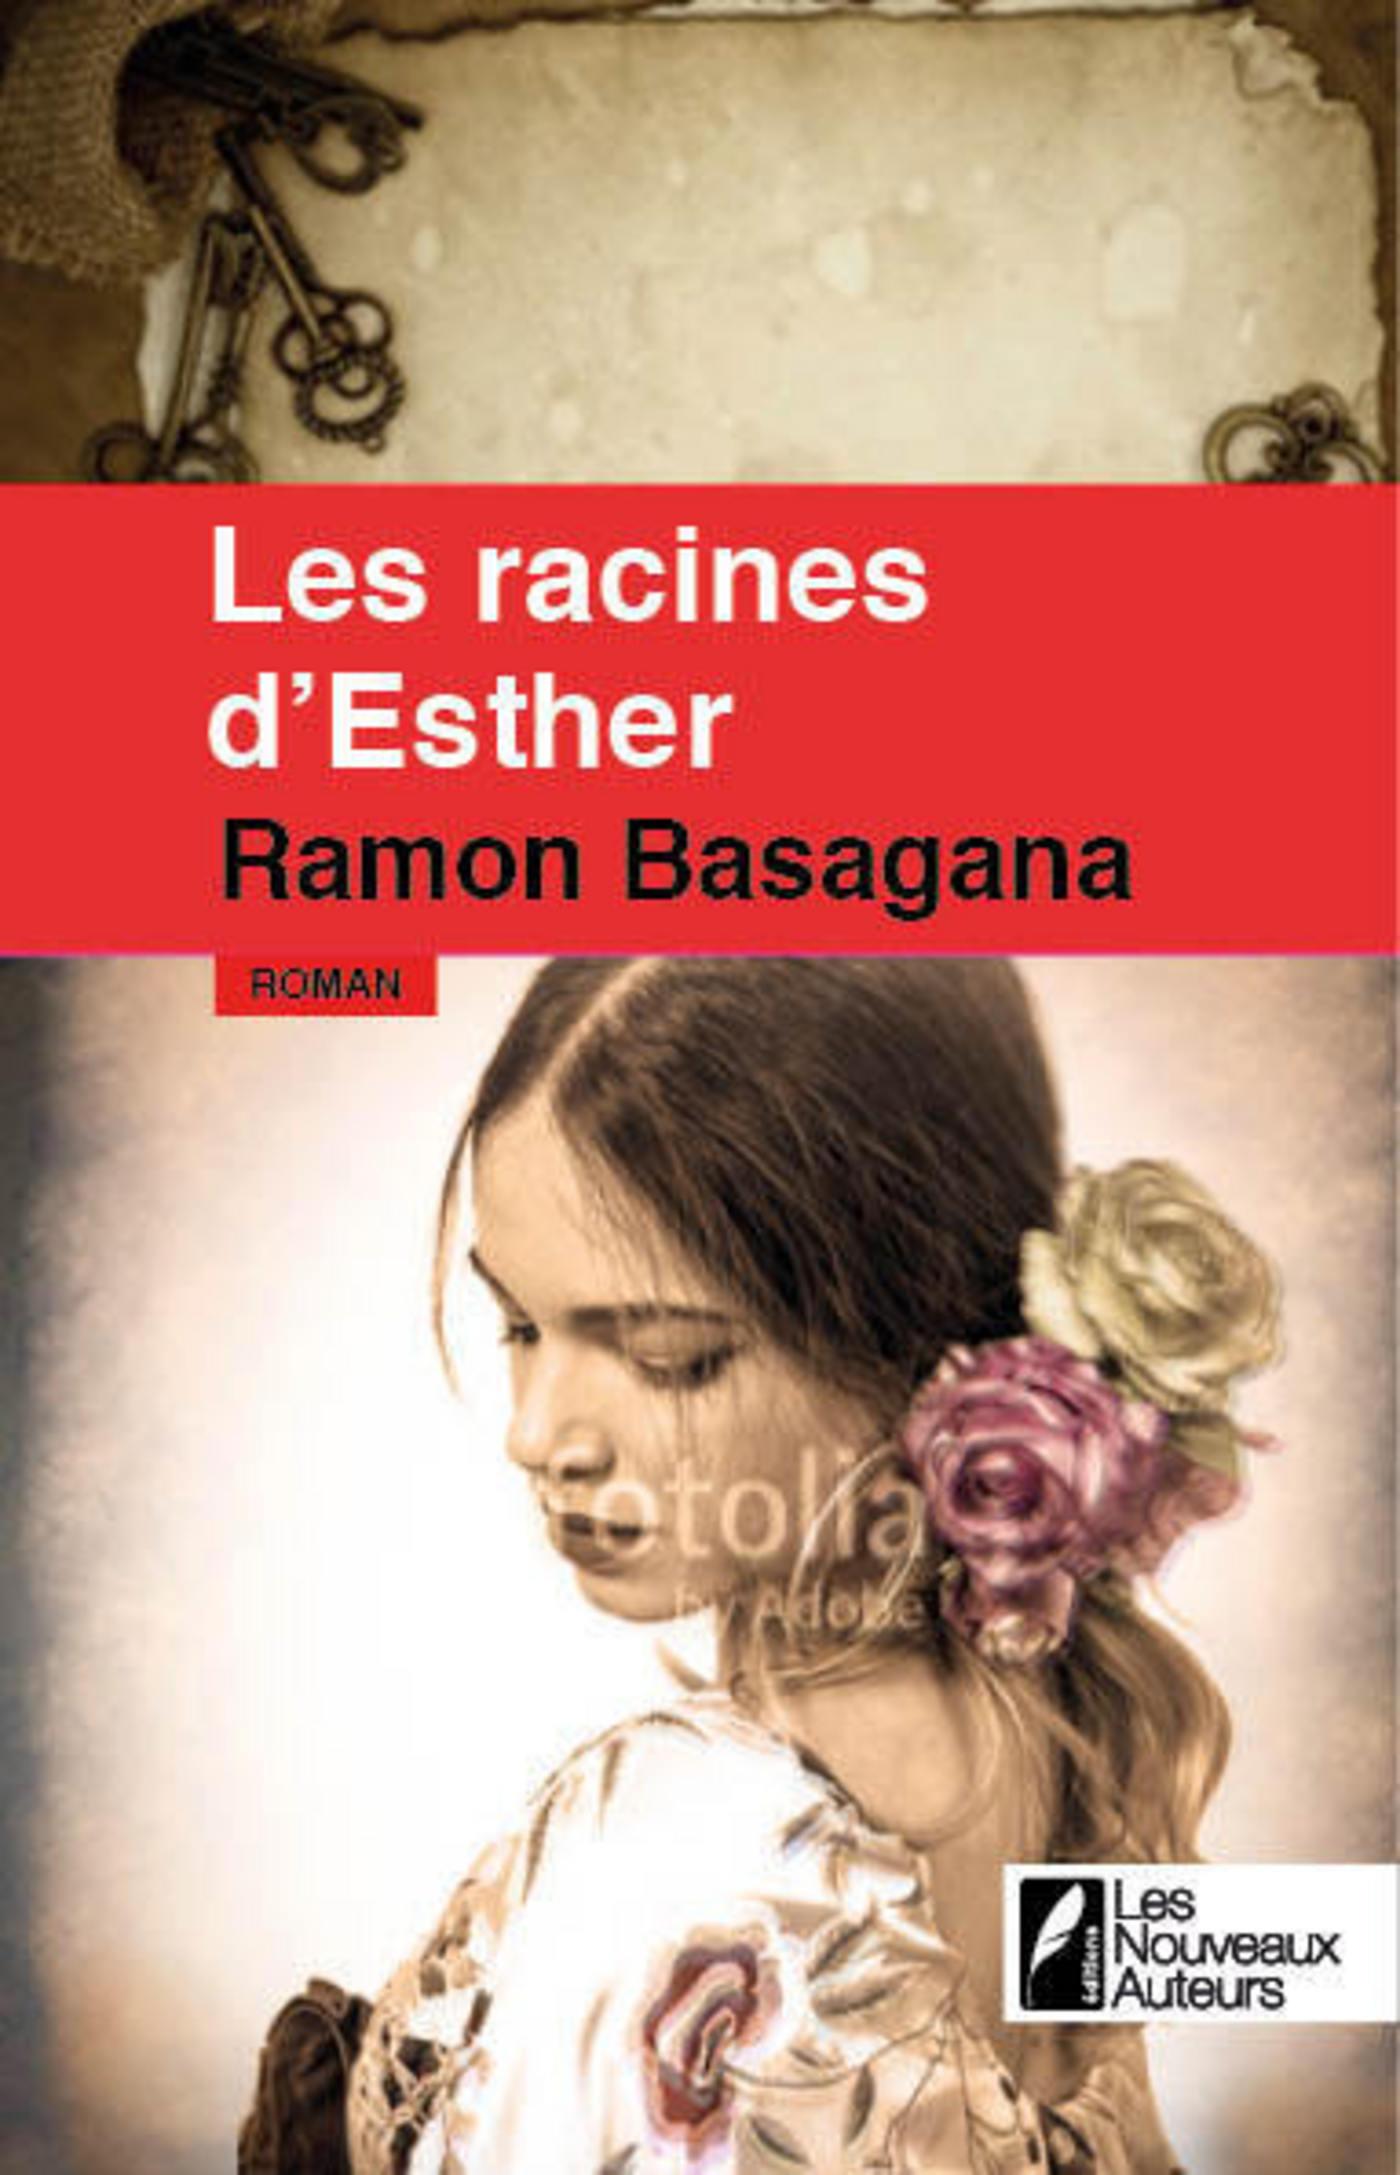 Les racines d'Esther